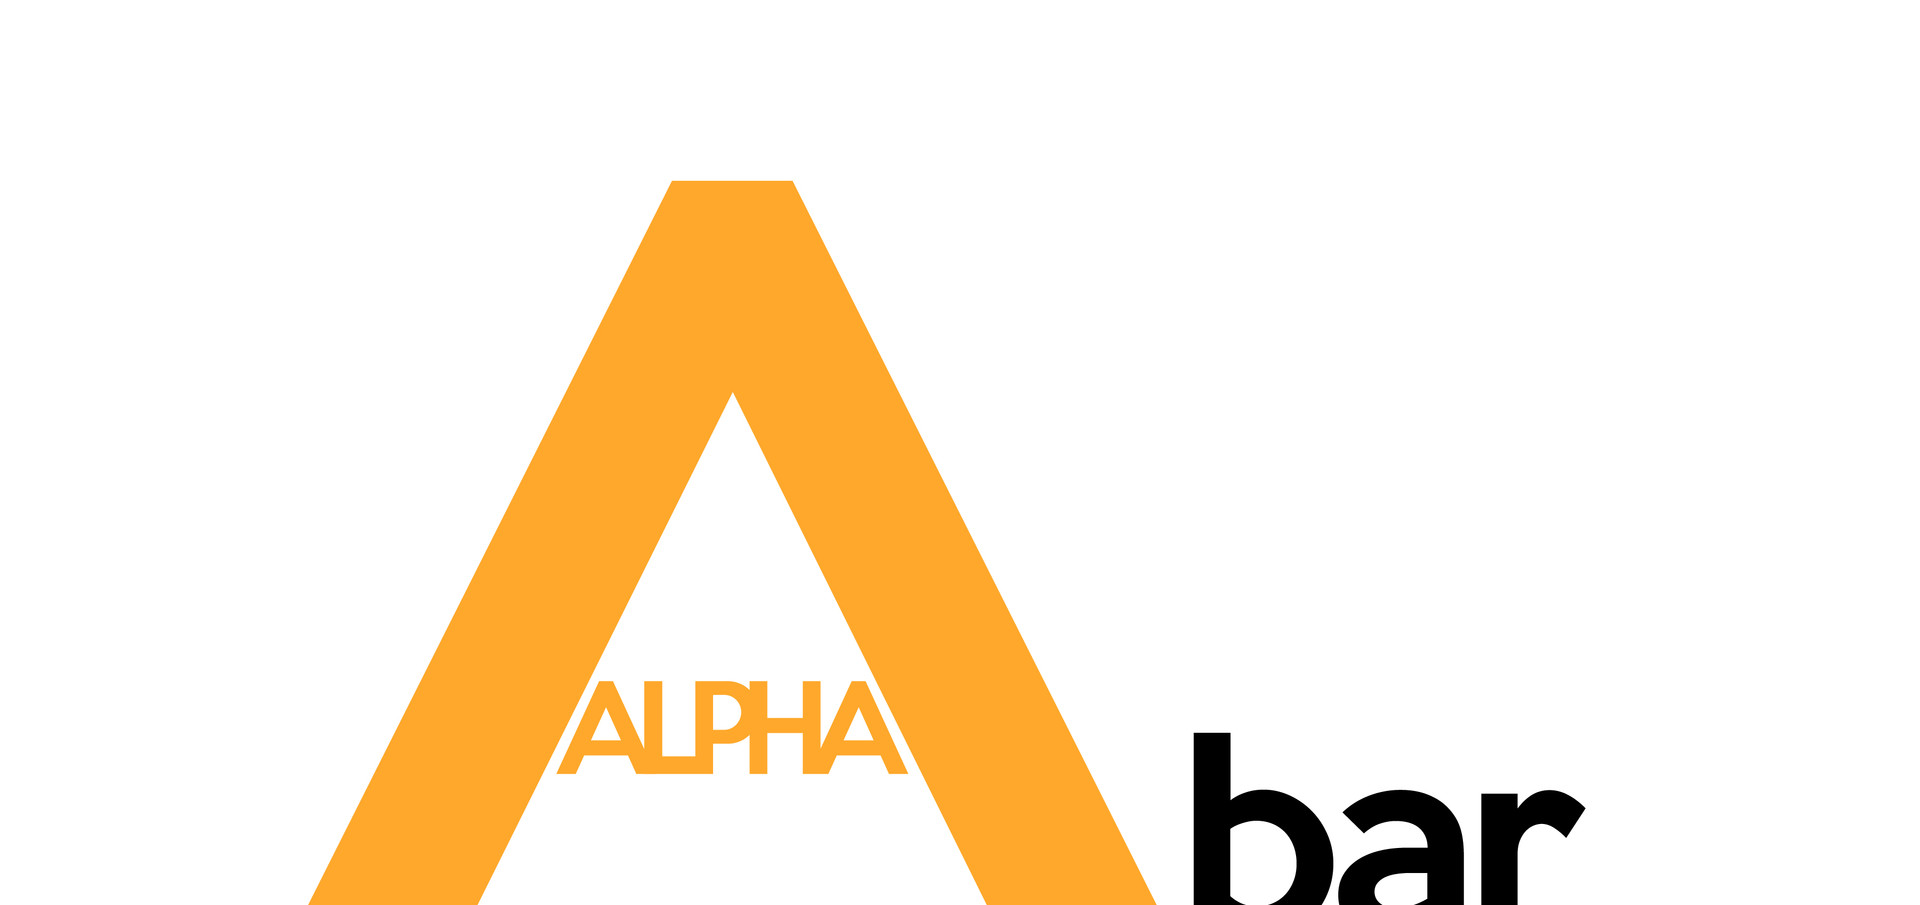 ALPHA BAR